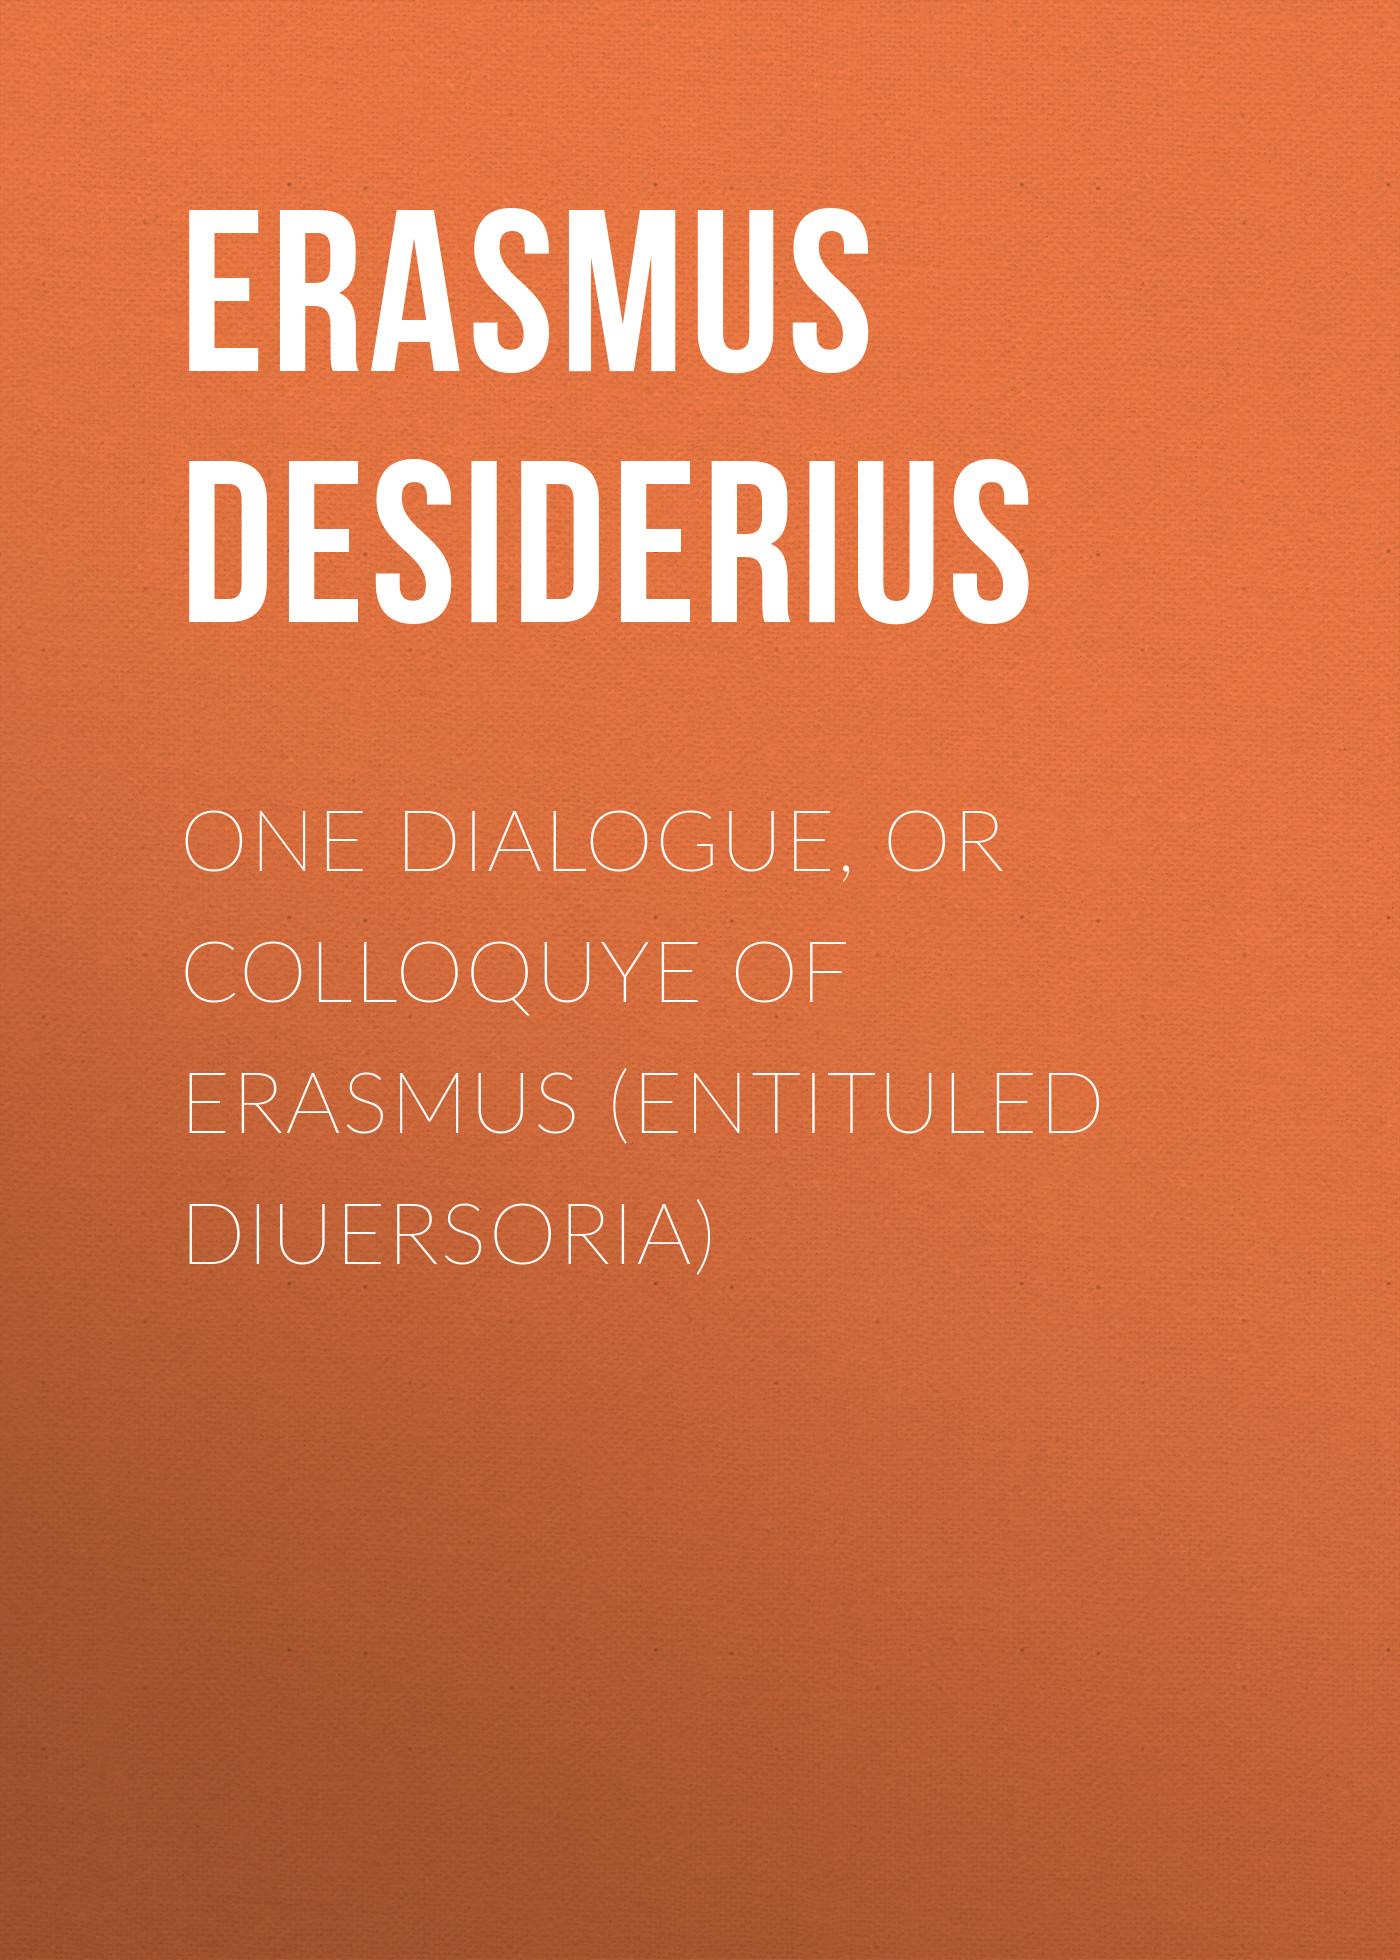 Erasmus Desiderius One dialogue, or Colloquye of Erasmus (entituled Diuersoria) erasmus desiderius elogio della pazzia italian edition